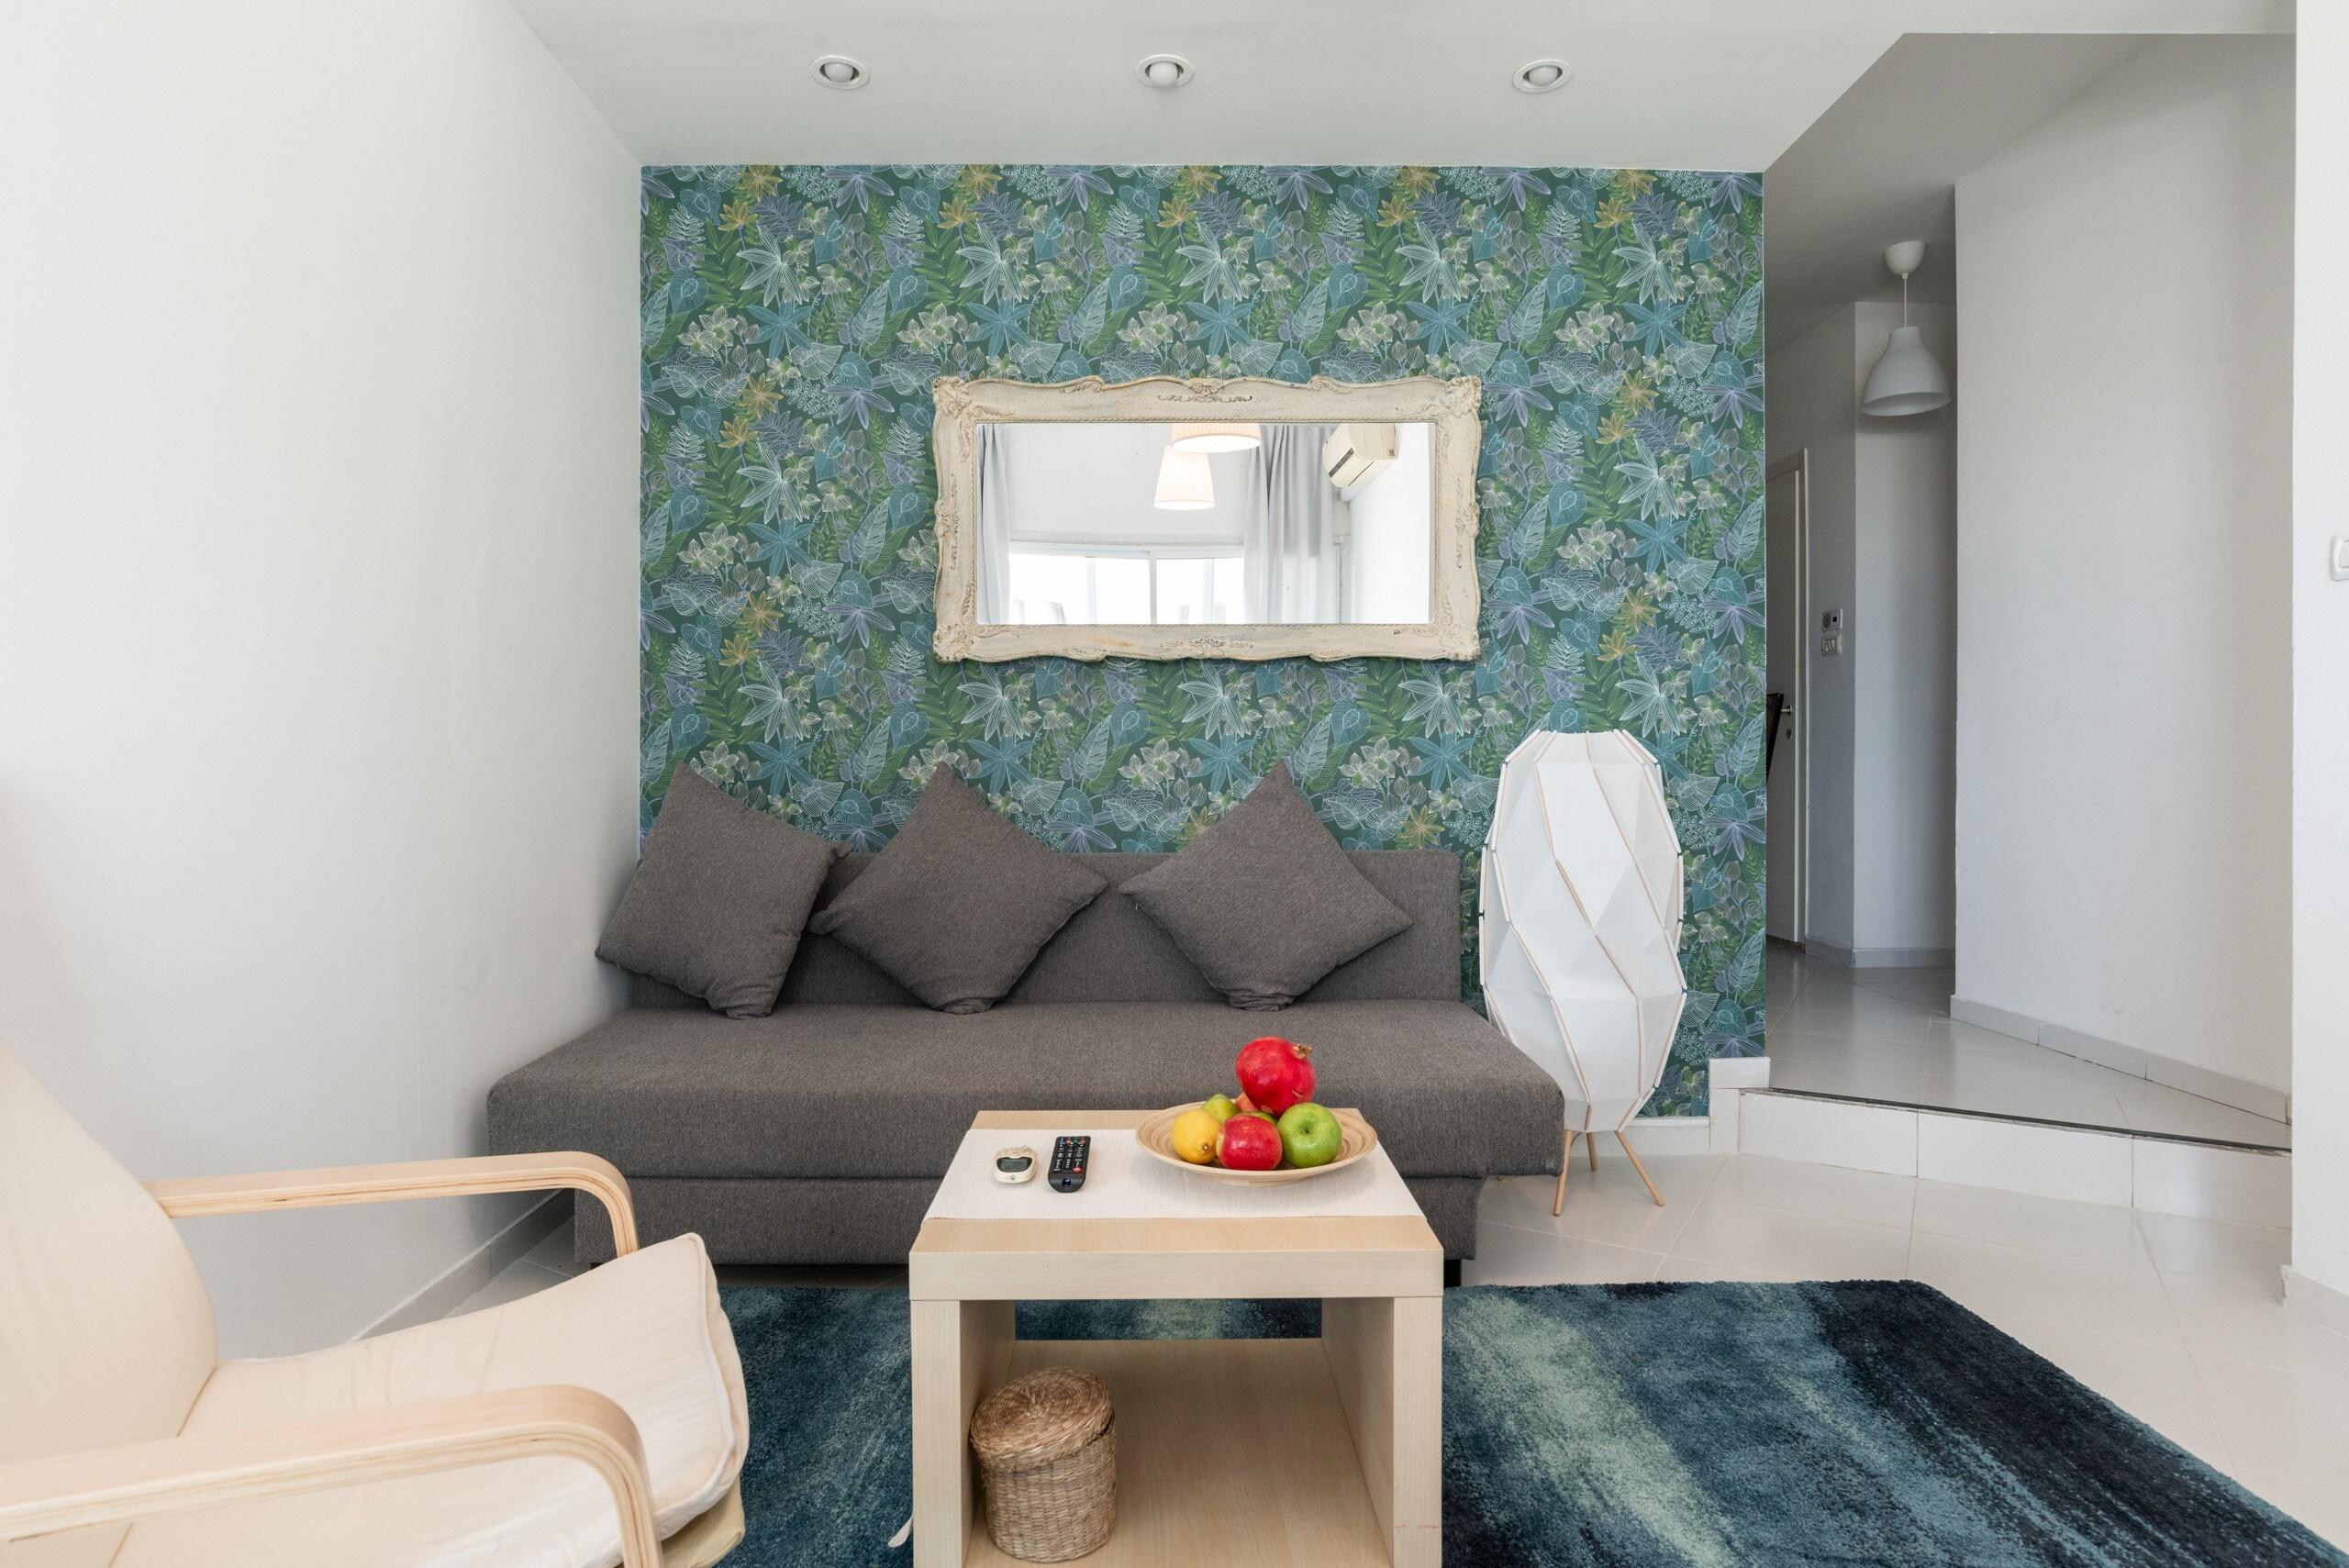 Apartment Sea View 2 bedroom apartment next to Hilton beach photo 21105501